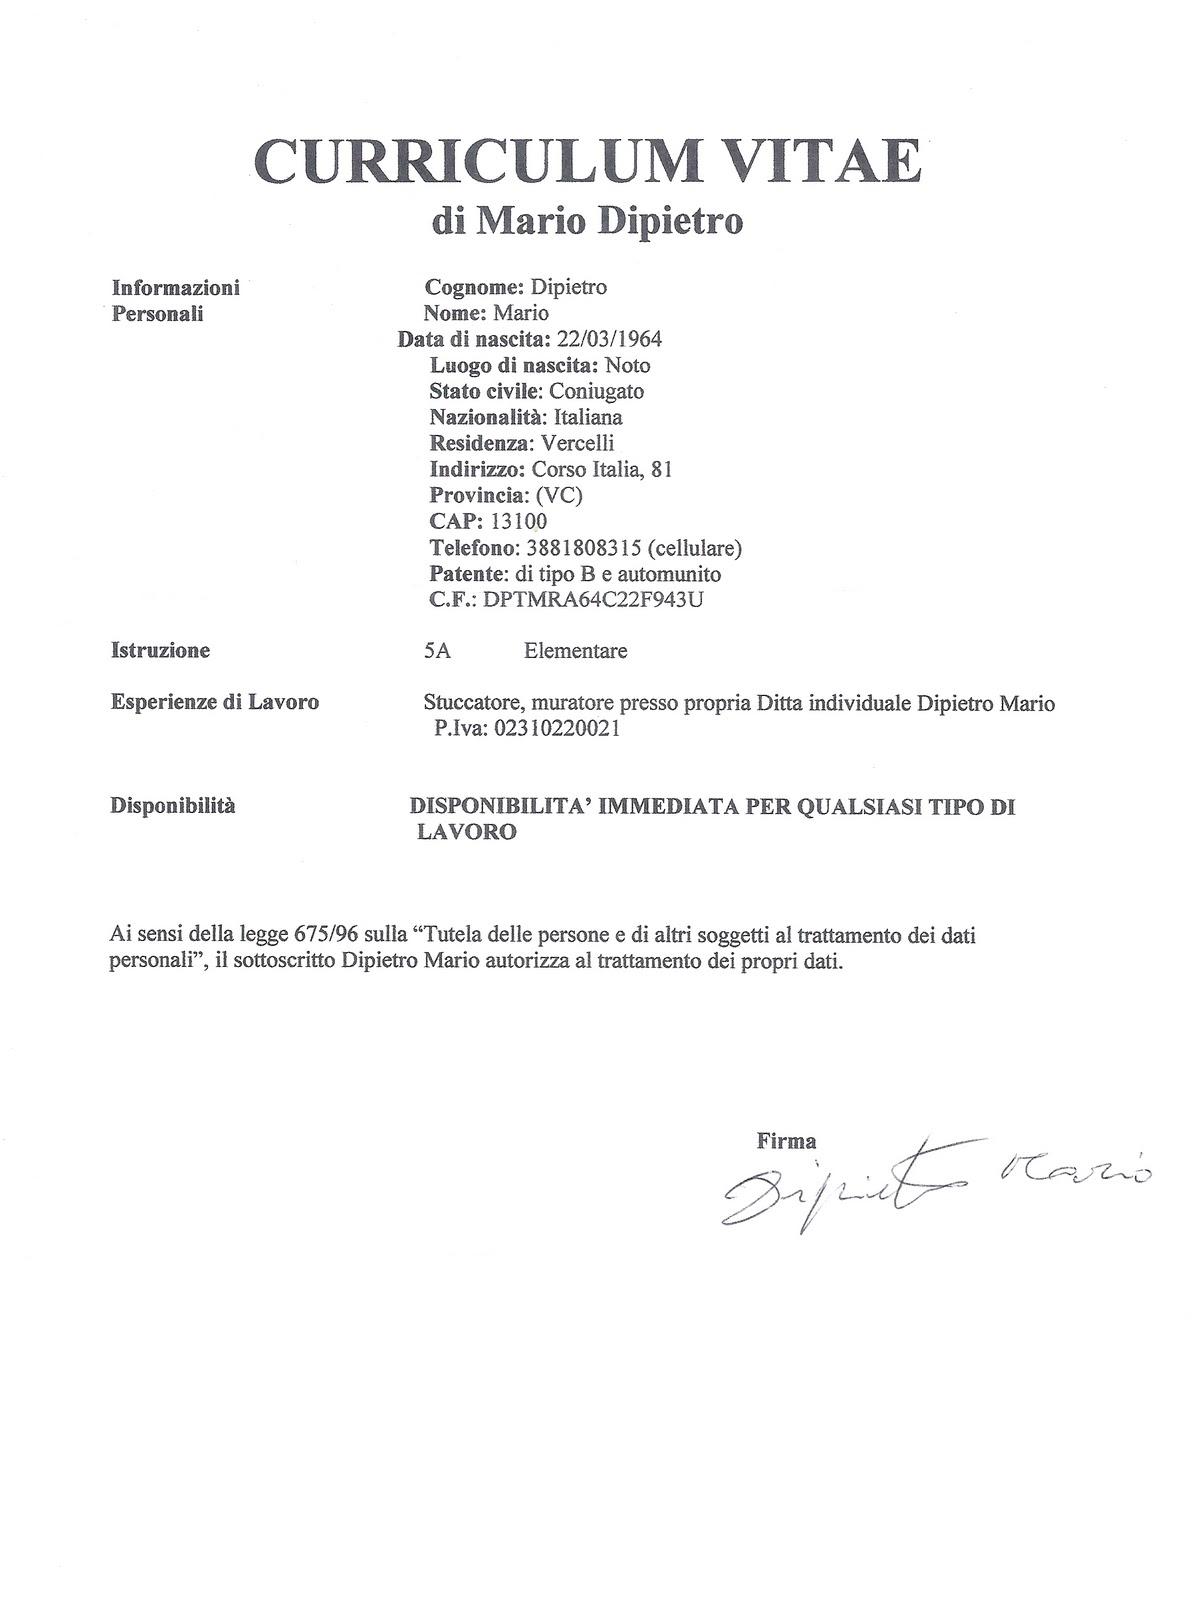 Crv=centro Ricerche Vallassinesi Acr=associazione Culturale